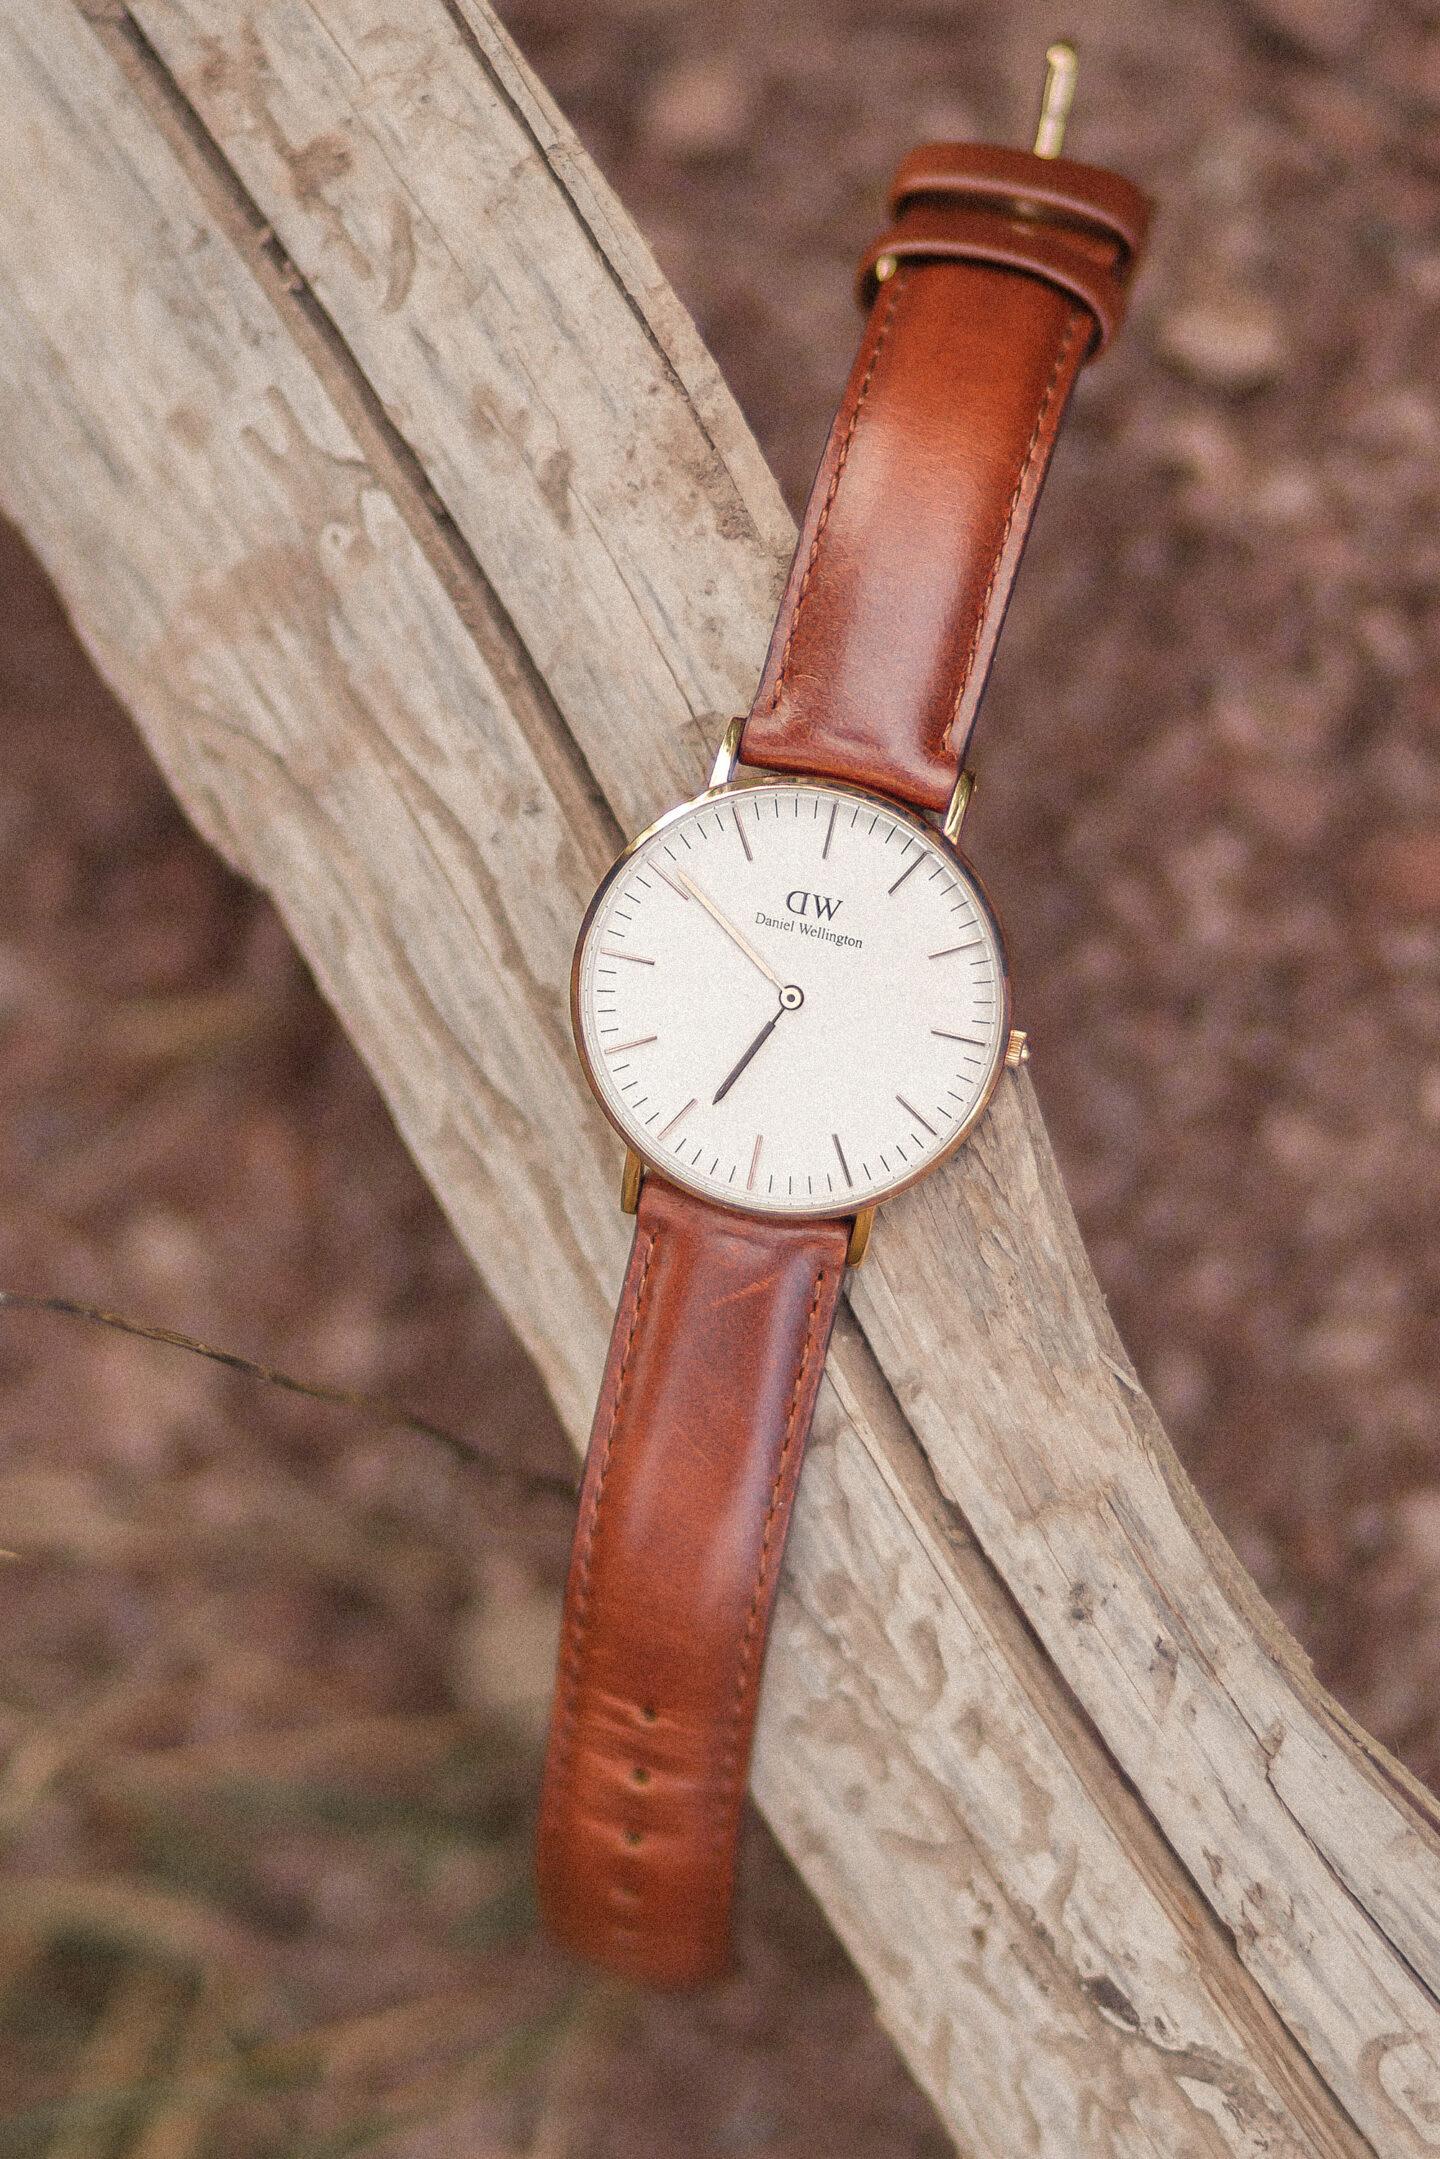 Uhren Klassiker, Damenuhren Trends, Daniel Wellington St Mawes, bezauberndenana